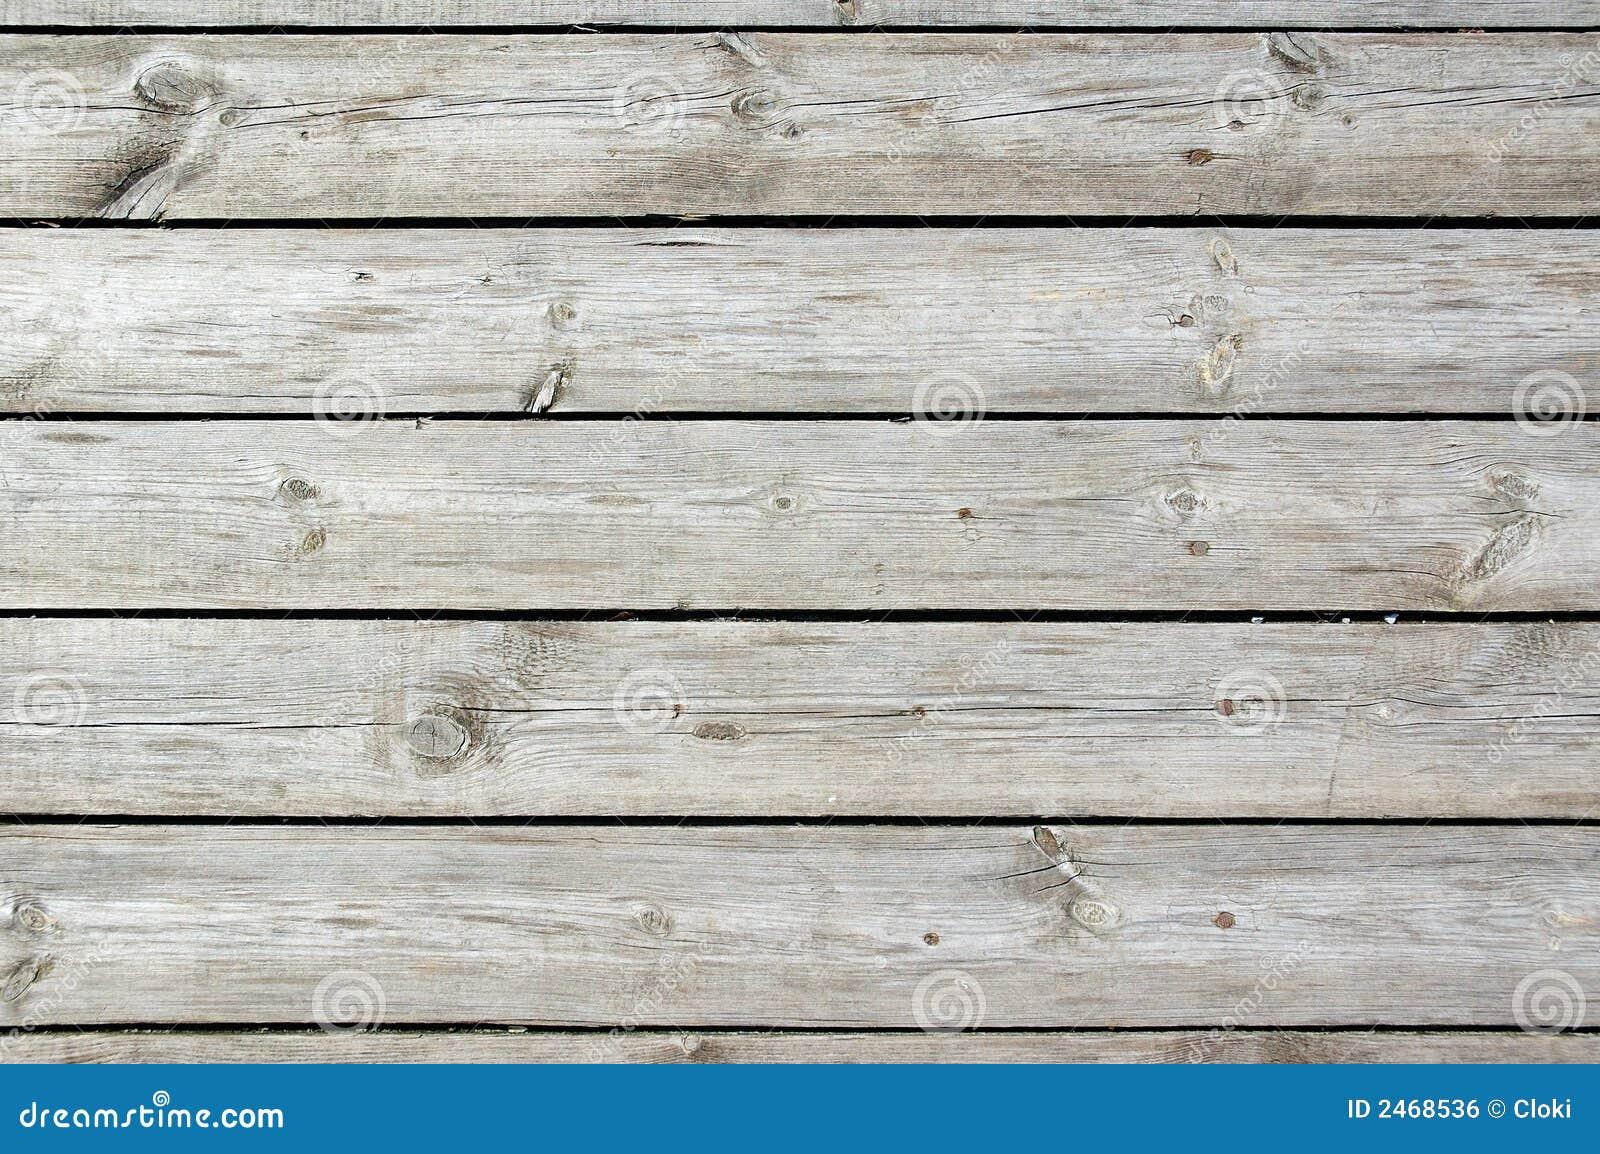 Houten Planken Royalty vrije Stock Afbeelding   Afbeelding  2468536